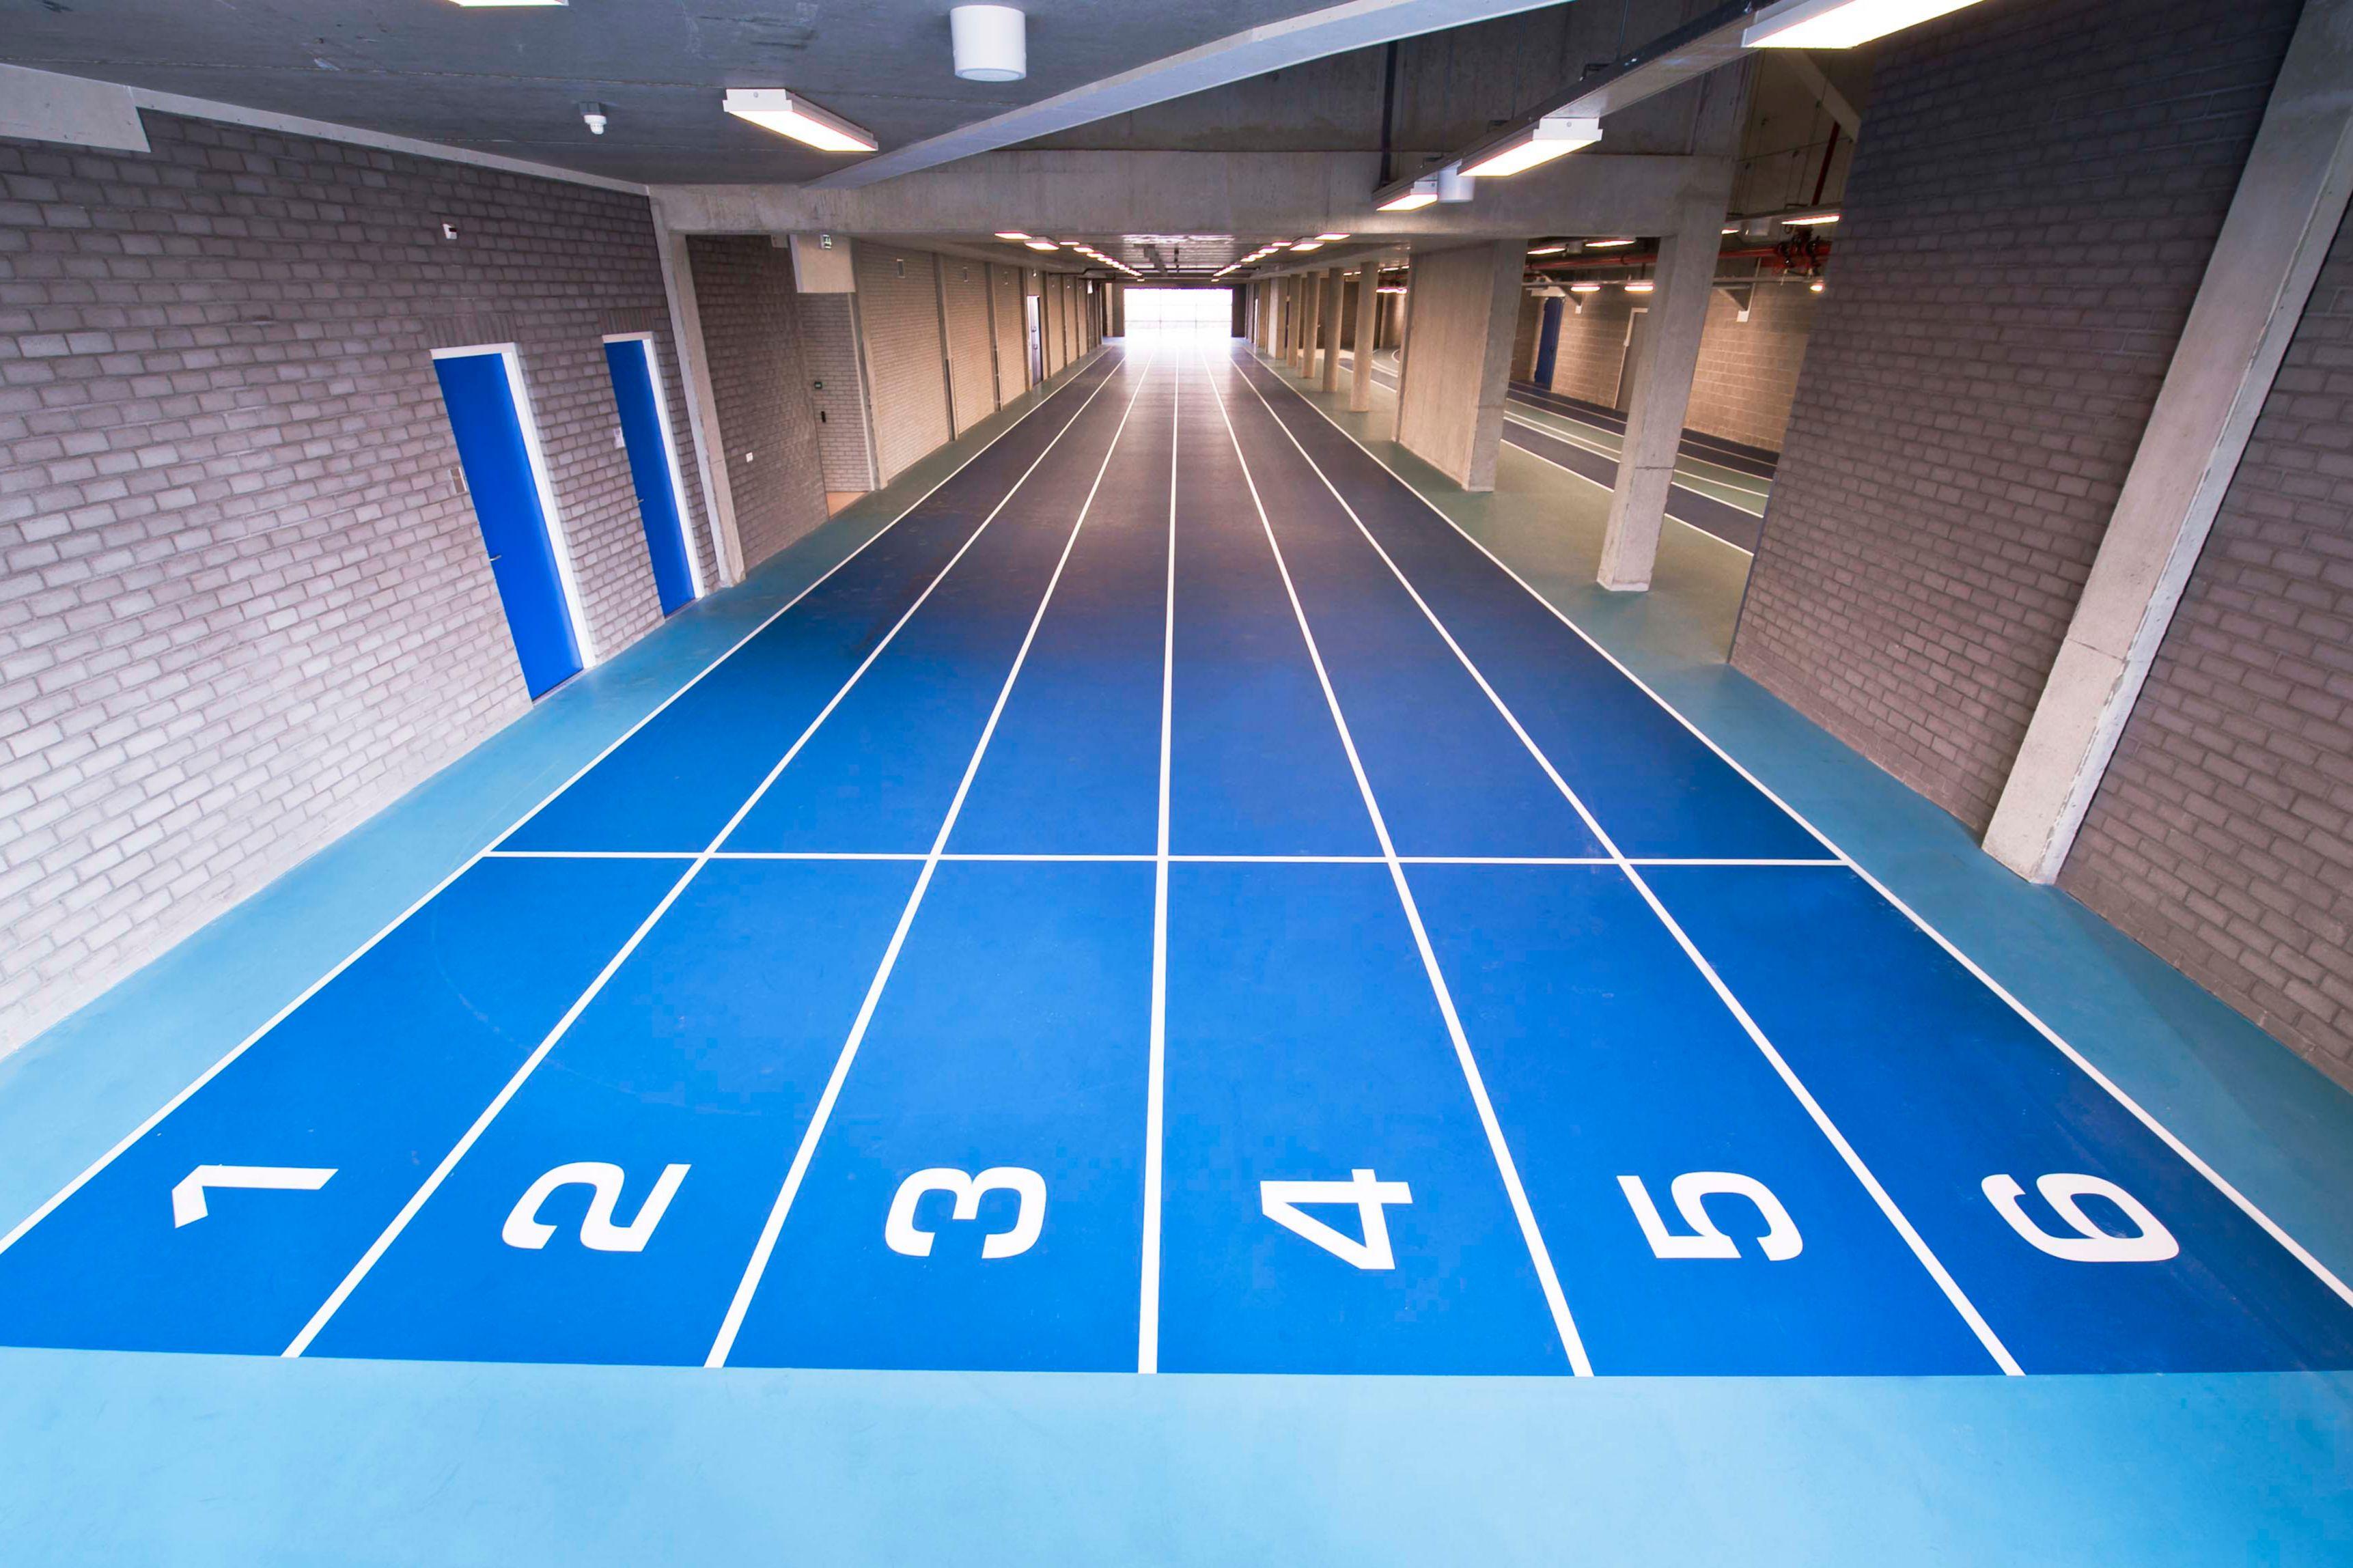 Sportvloer bij Omnisport in Apeldoorn